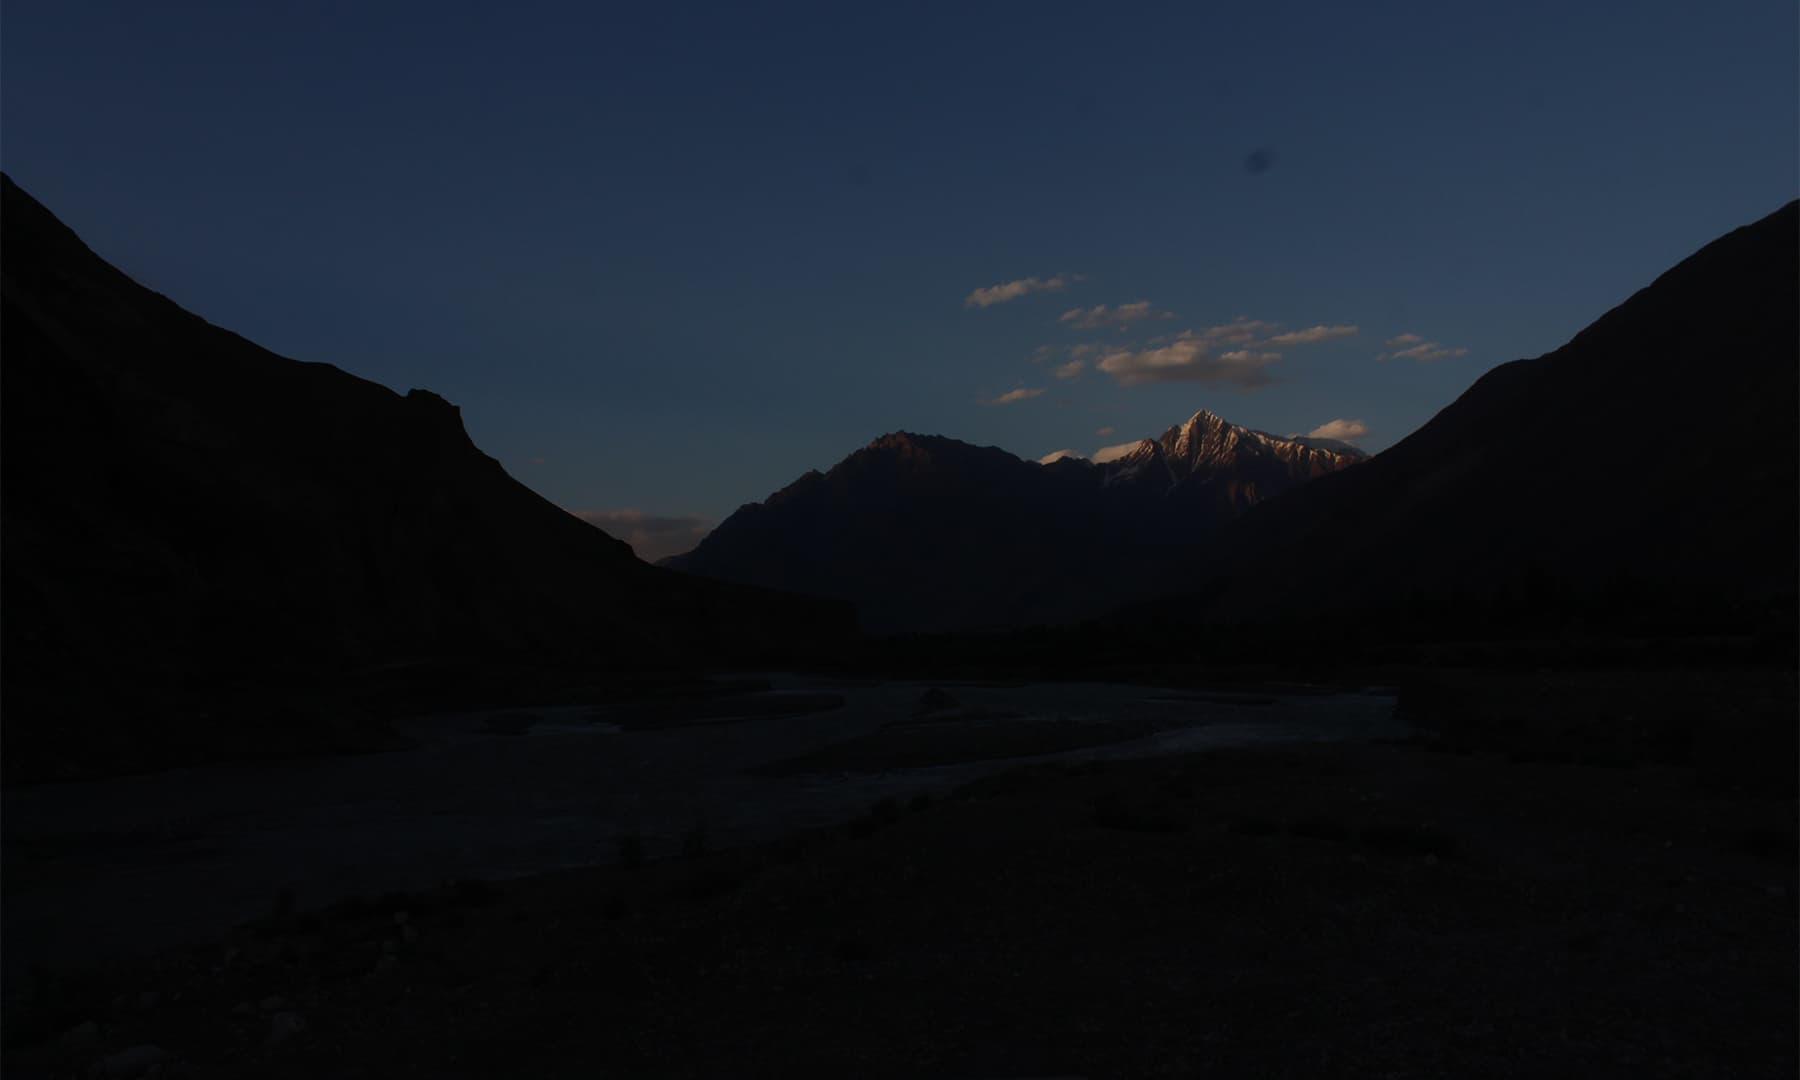 مستوج کی یخ بستہ رات اور دُور چمکتی ہوئی ایک بلند چوٹی